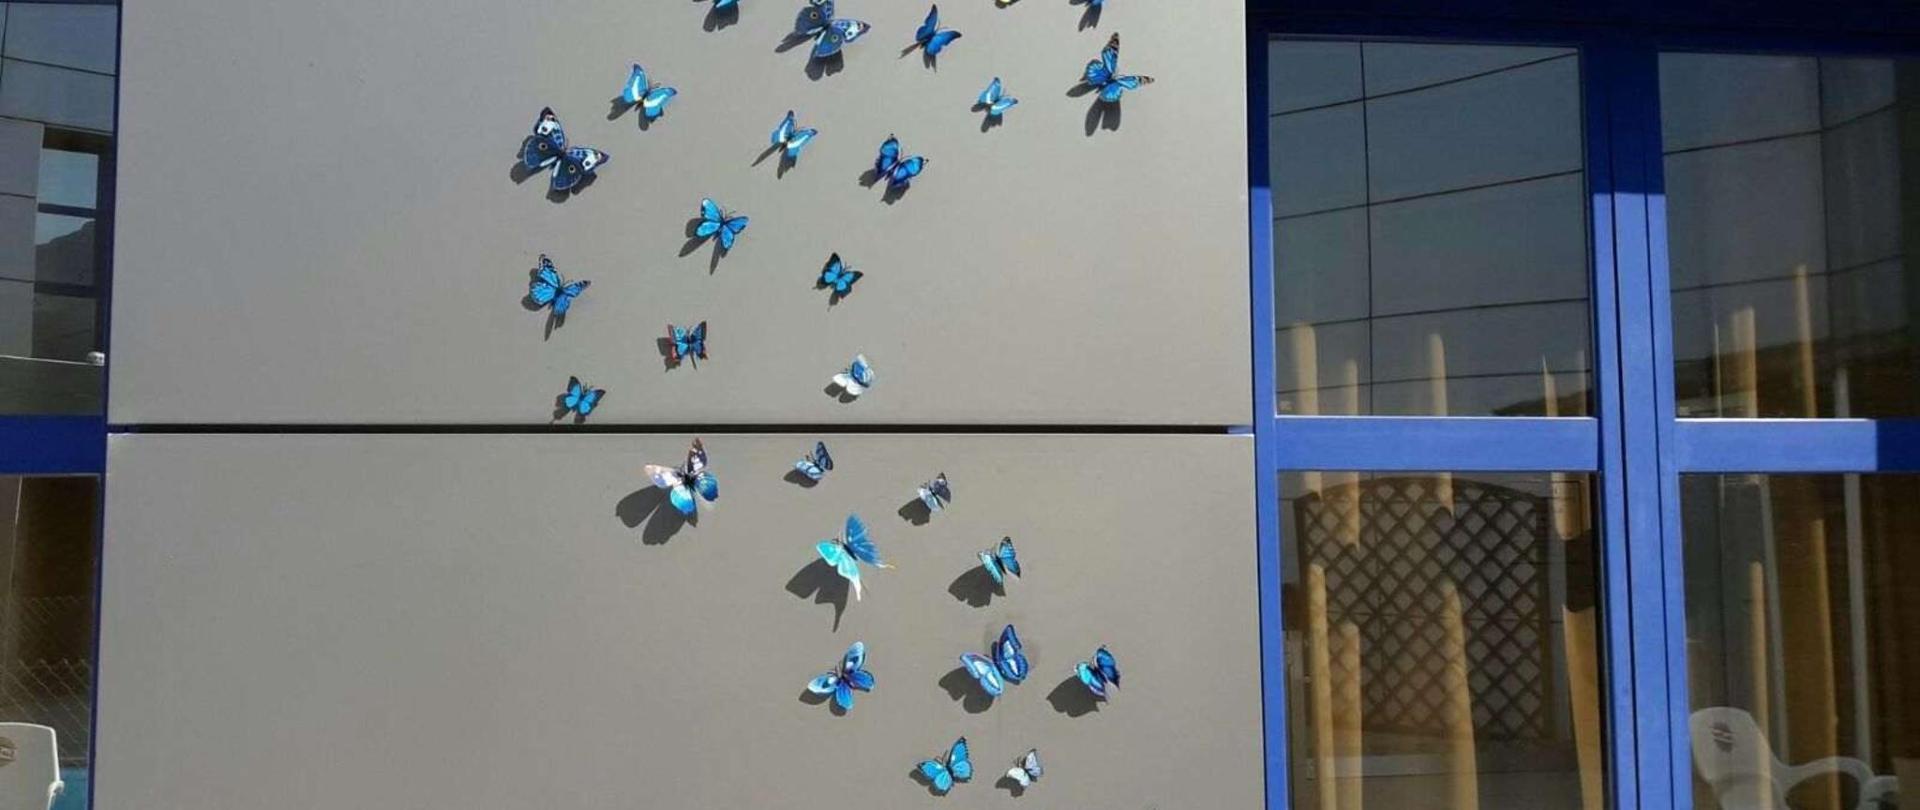 piscina-mariposas-azules.jpg